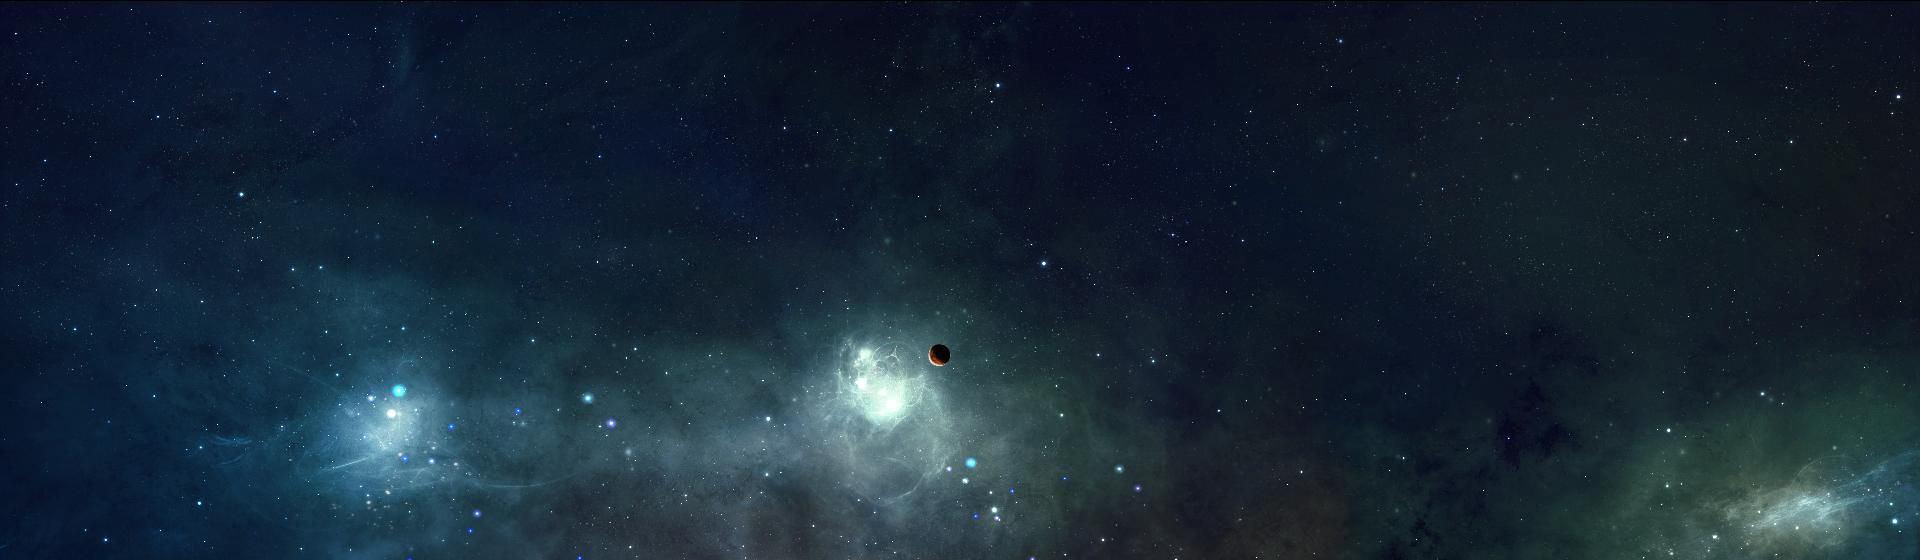 Noi e l'Universo, come possiamo definirci all'interno di questo infinito?